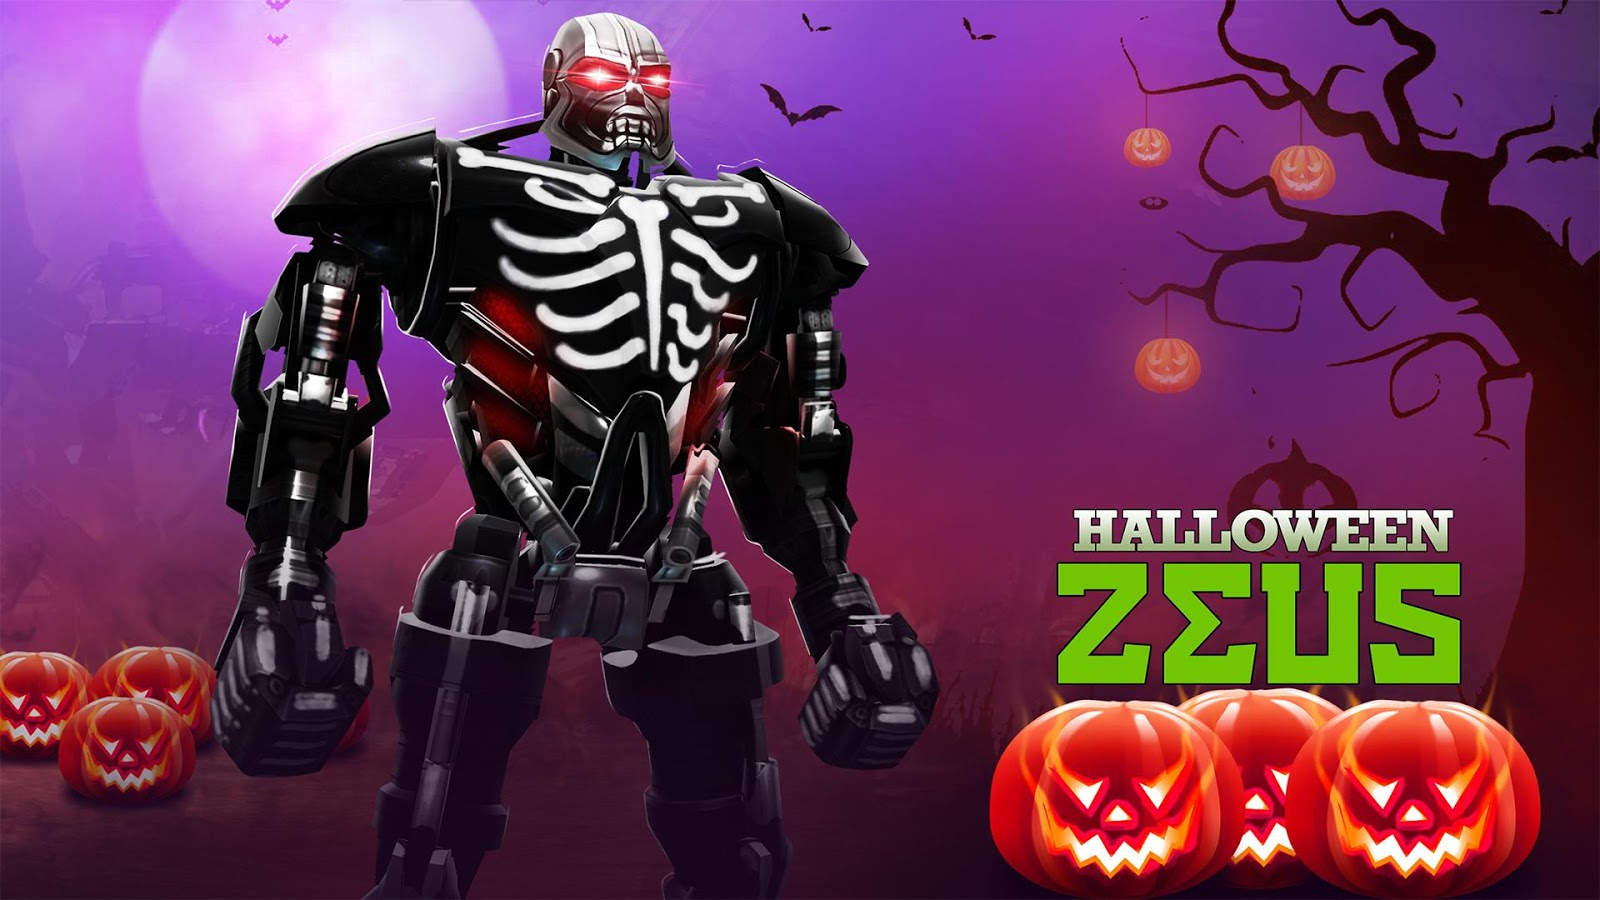 real steel zeus halloween costume - hallowen costum udaf